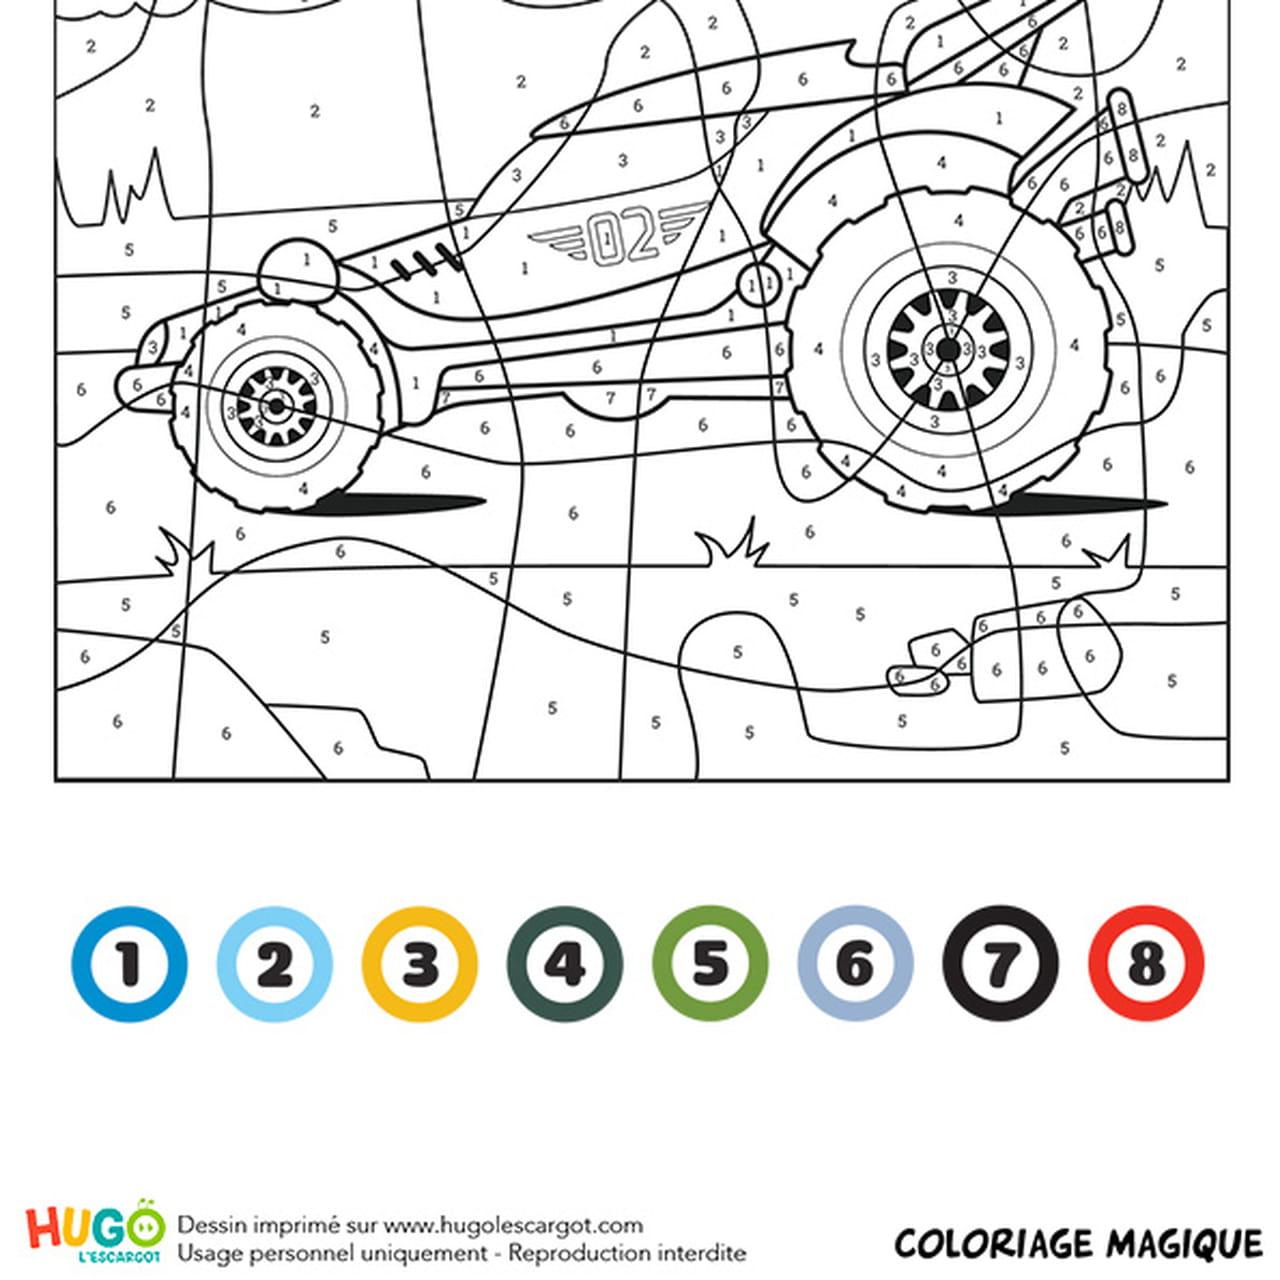 Coloriage Magique Ce1 Un Buggy